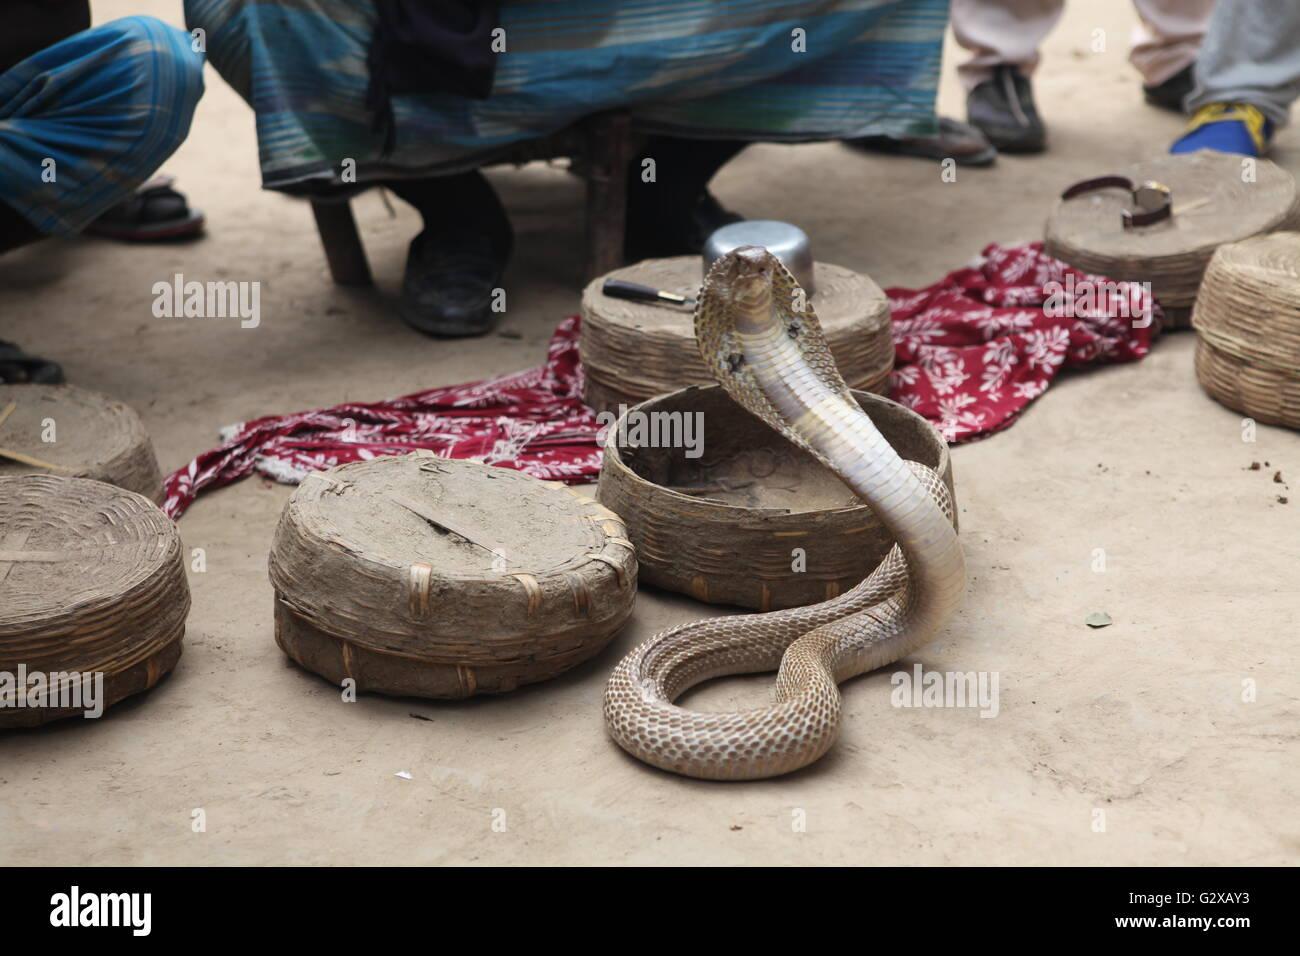 Una cobra con su cubierta, justo fuera de la canasta del domador de serpientes Foto de stock